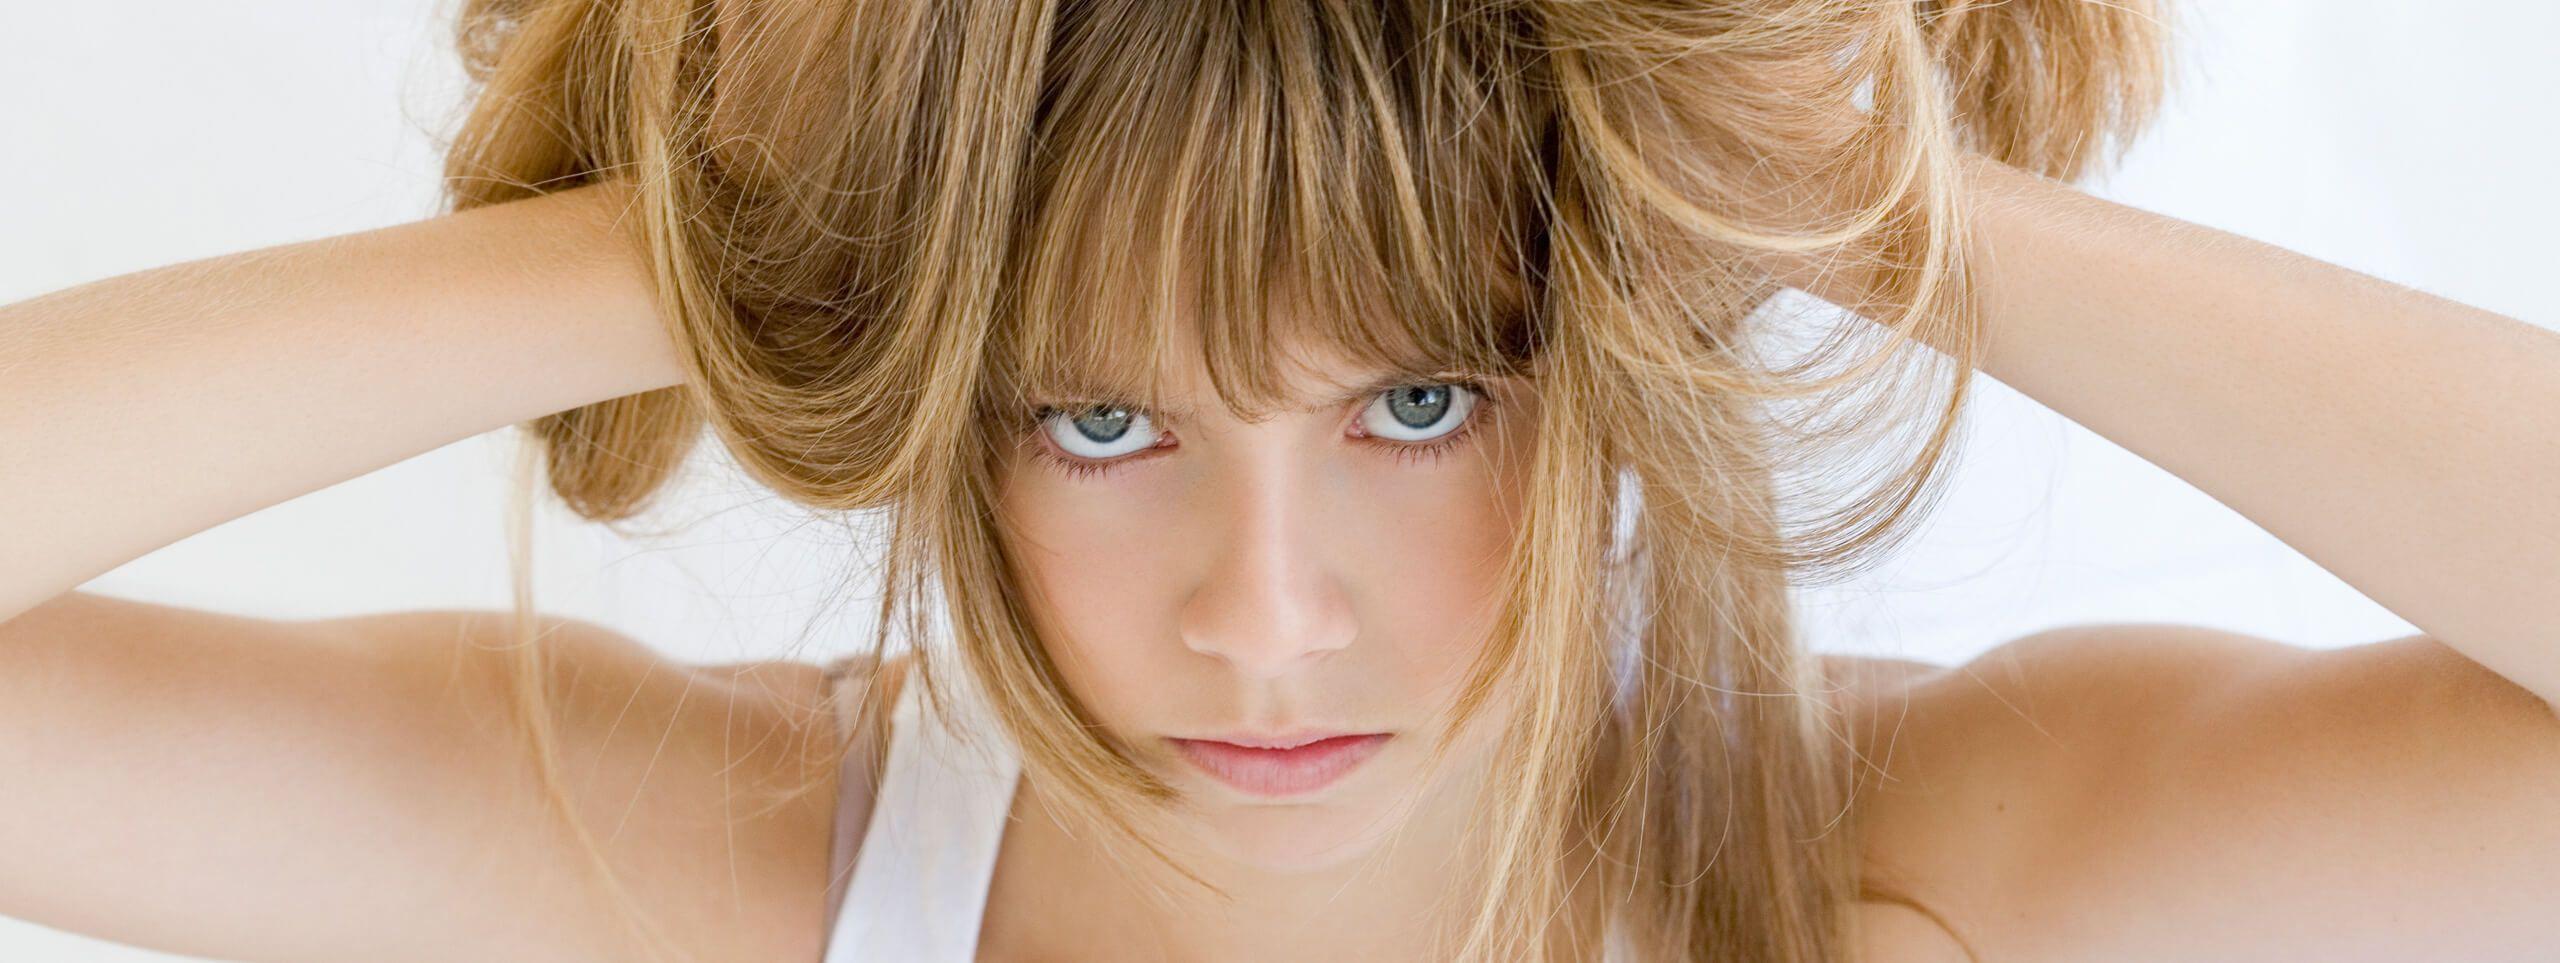 Kobieta trzymająca blond włosy z grzywką